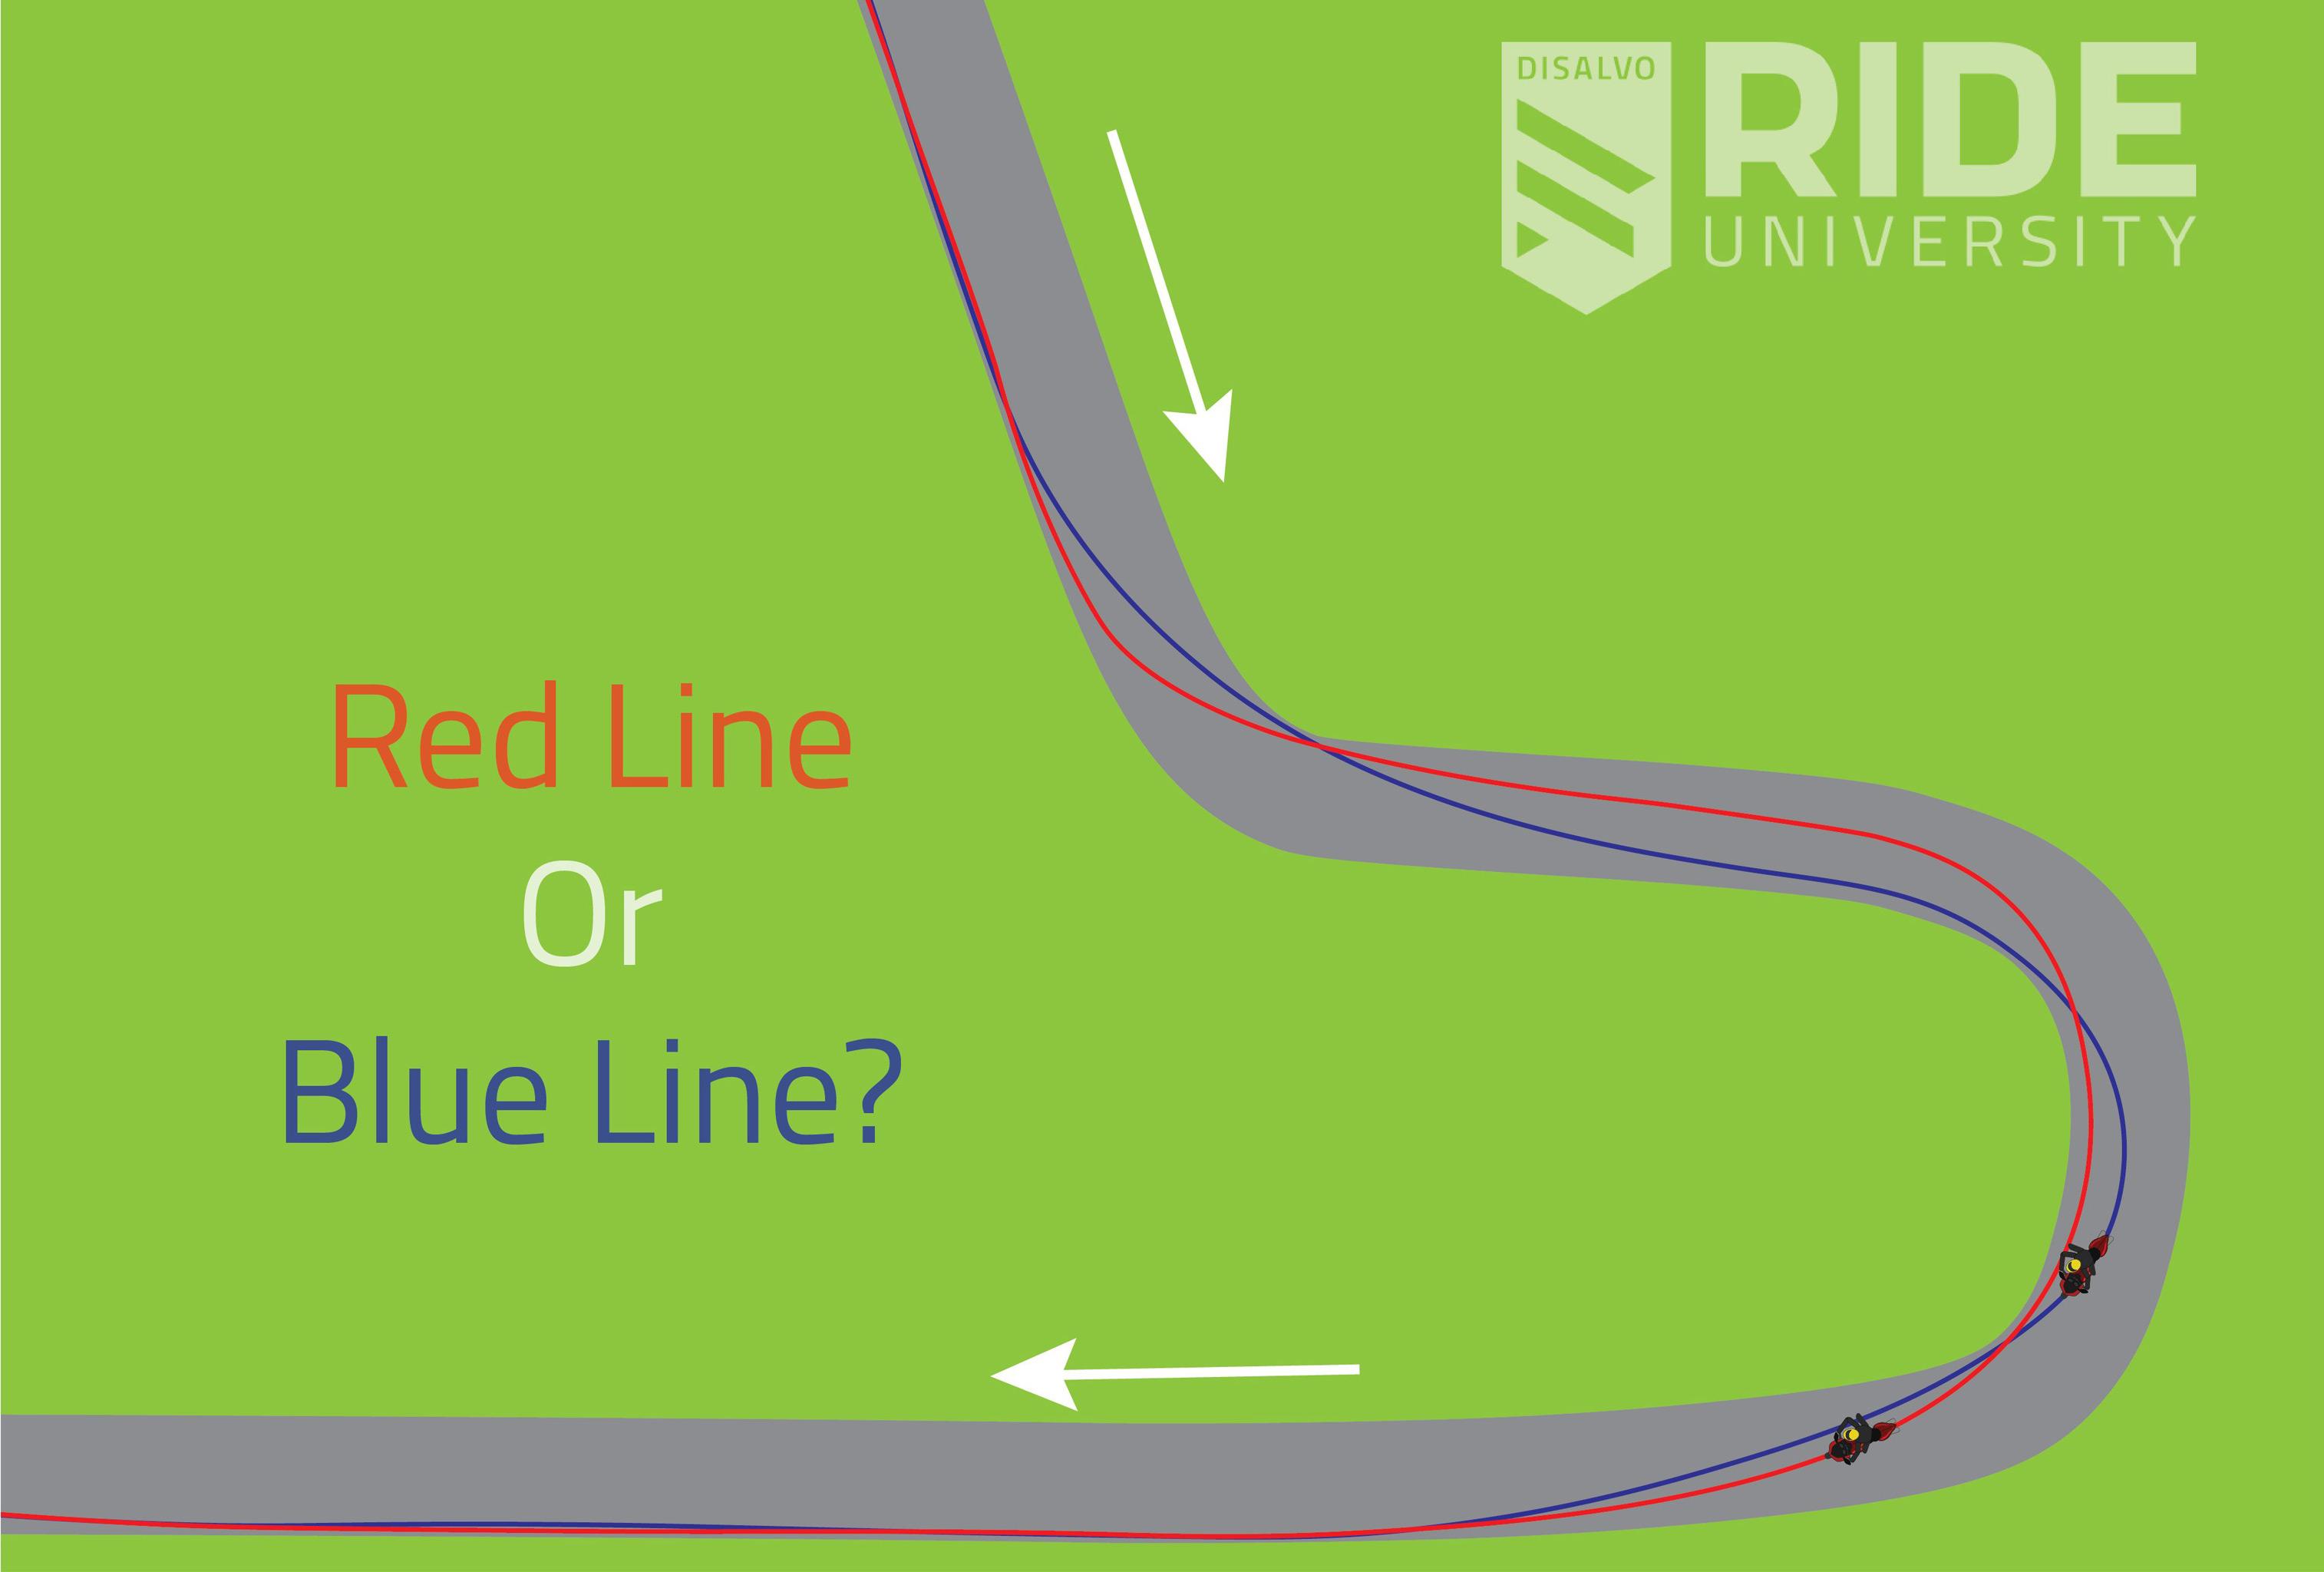 red line blue line challenge 4 ride university. Black Bedroom Furniture Sets. Home Design Ideas